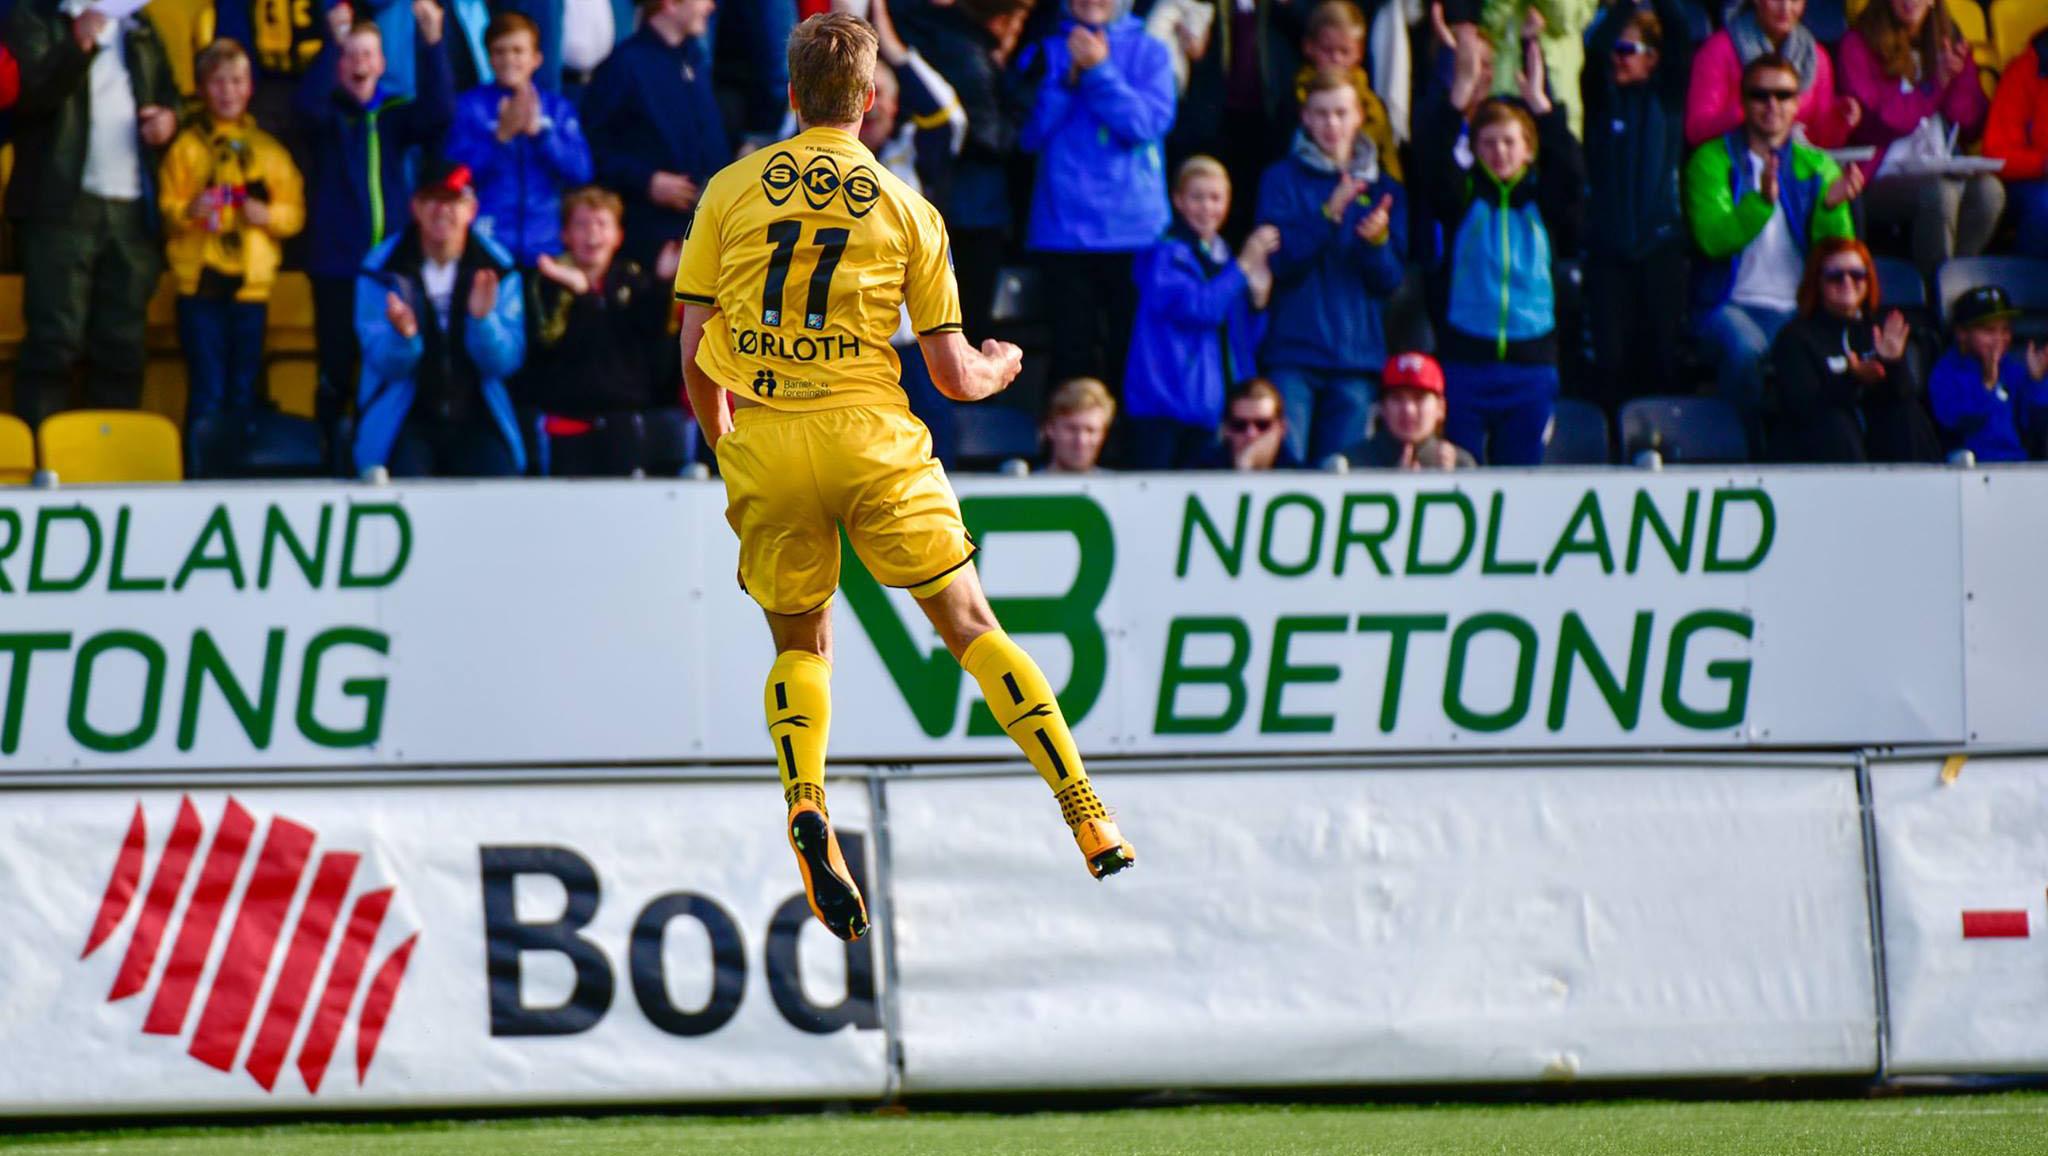 Eliteserien, Sarpsborg-Bodo/Glimt pronostico: posticipo con la capolista